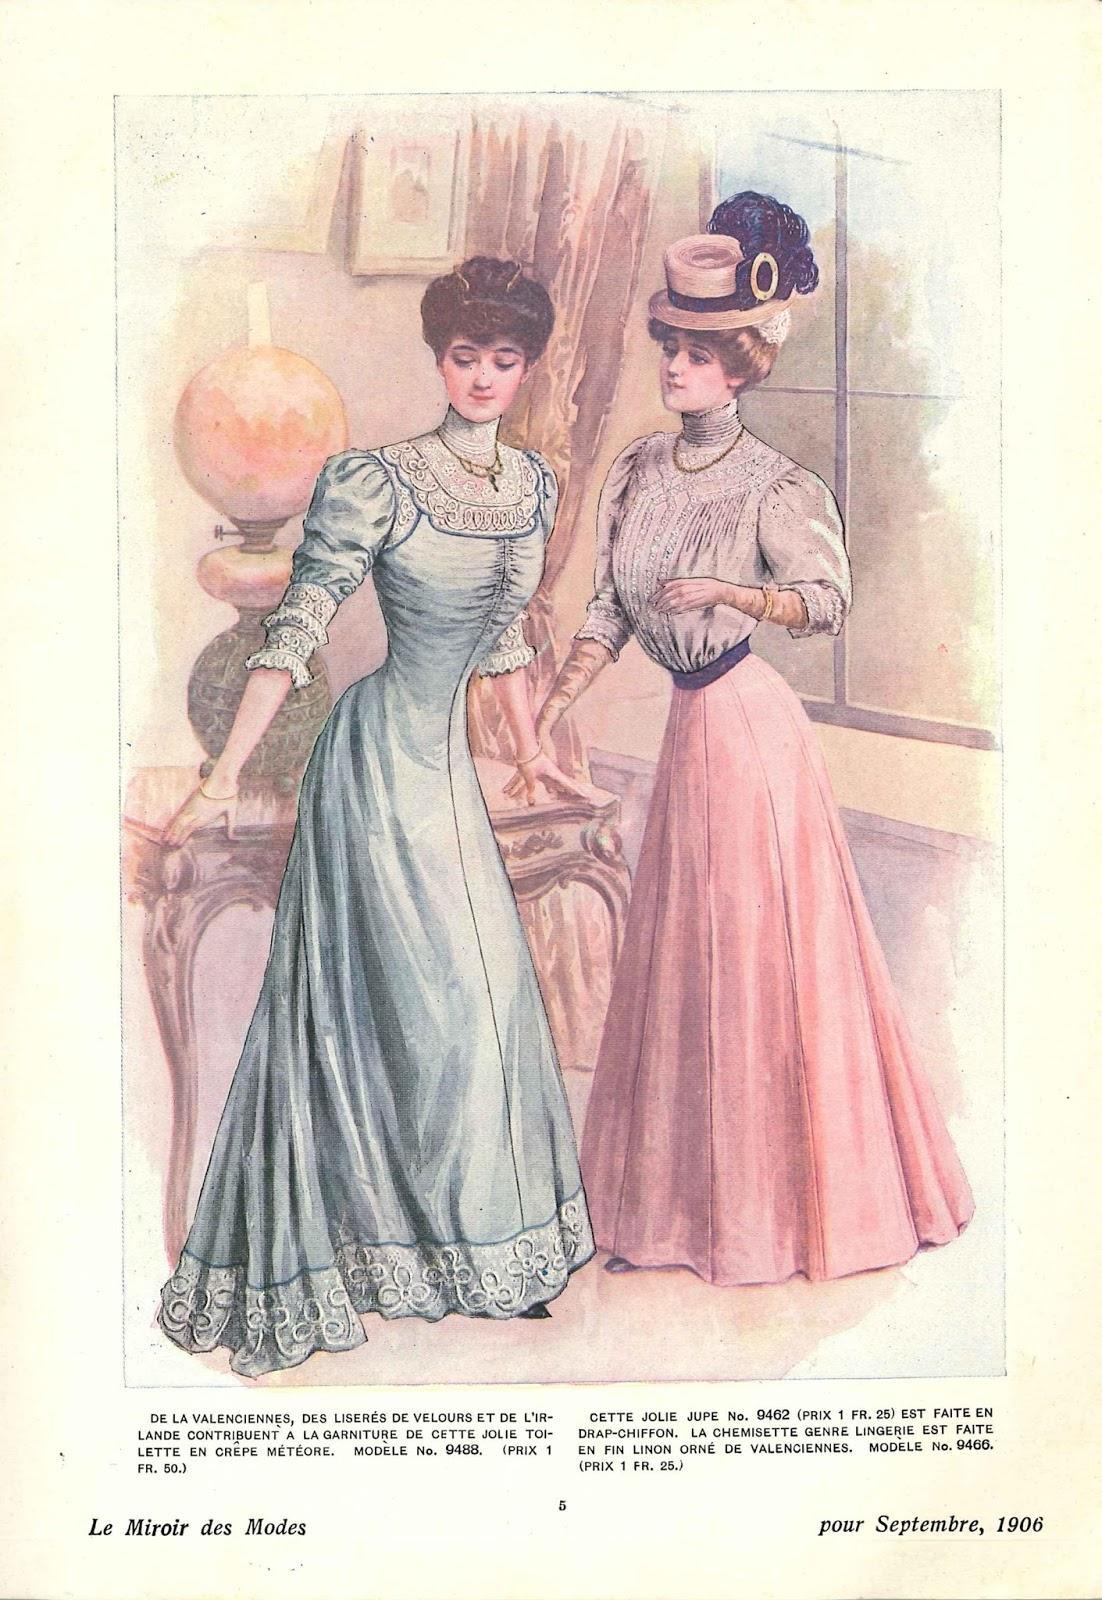 Des modes le miroir des modes septembre 1906 for Miroir des modes